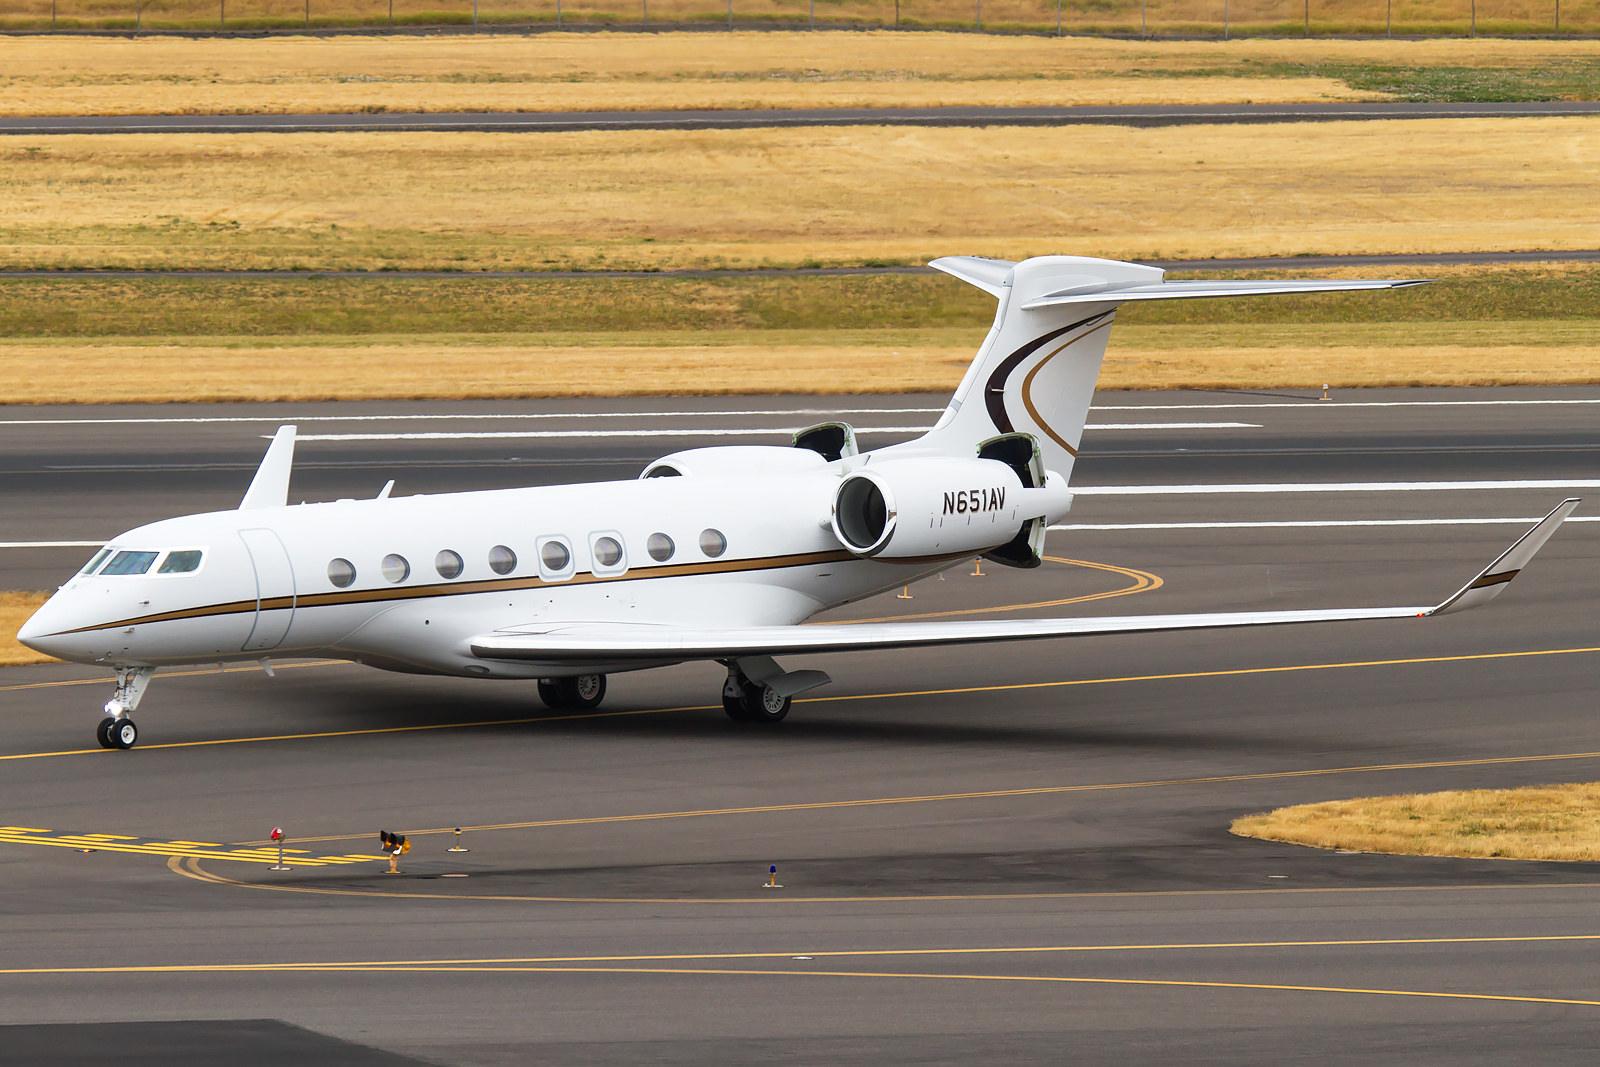 Gulfstream G650 For Sale >> GULFSTREAM G650 N651AV | Article - Thu 27 Aug 2015 06:00:00 PM UTC | airsoc.com.